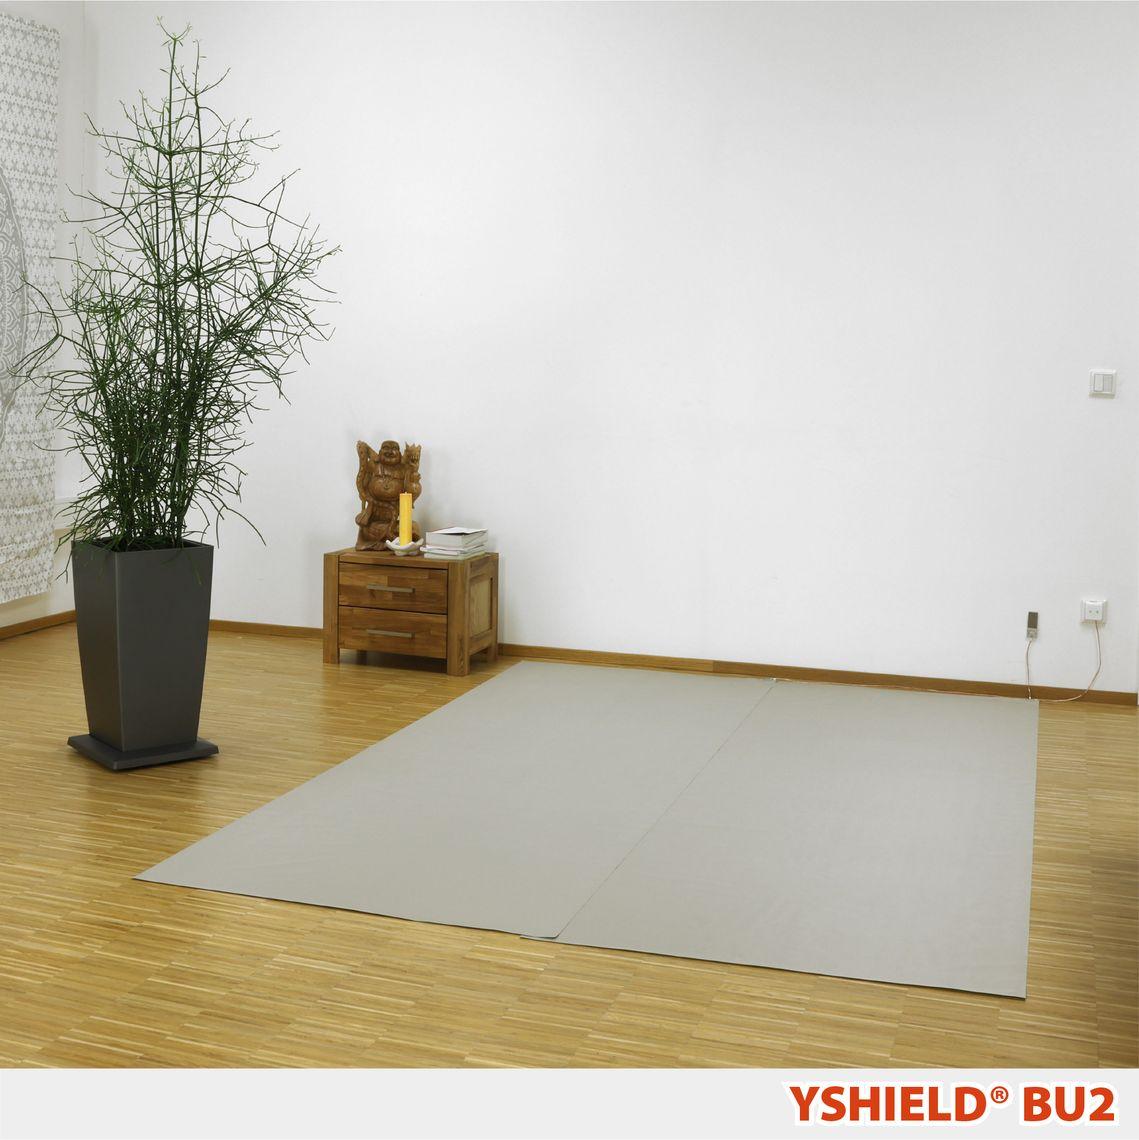 YSHIELD® BU2 | Baldachinunterlage | Einzelbett | HNG80